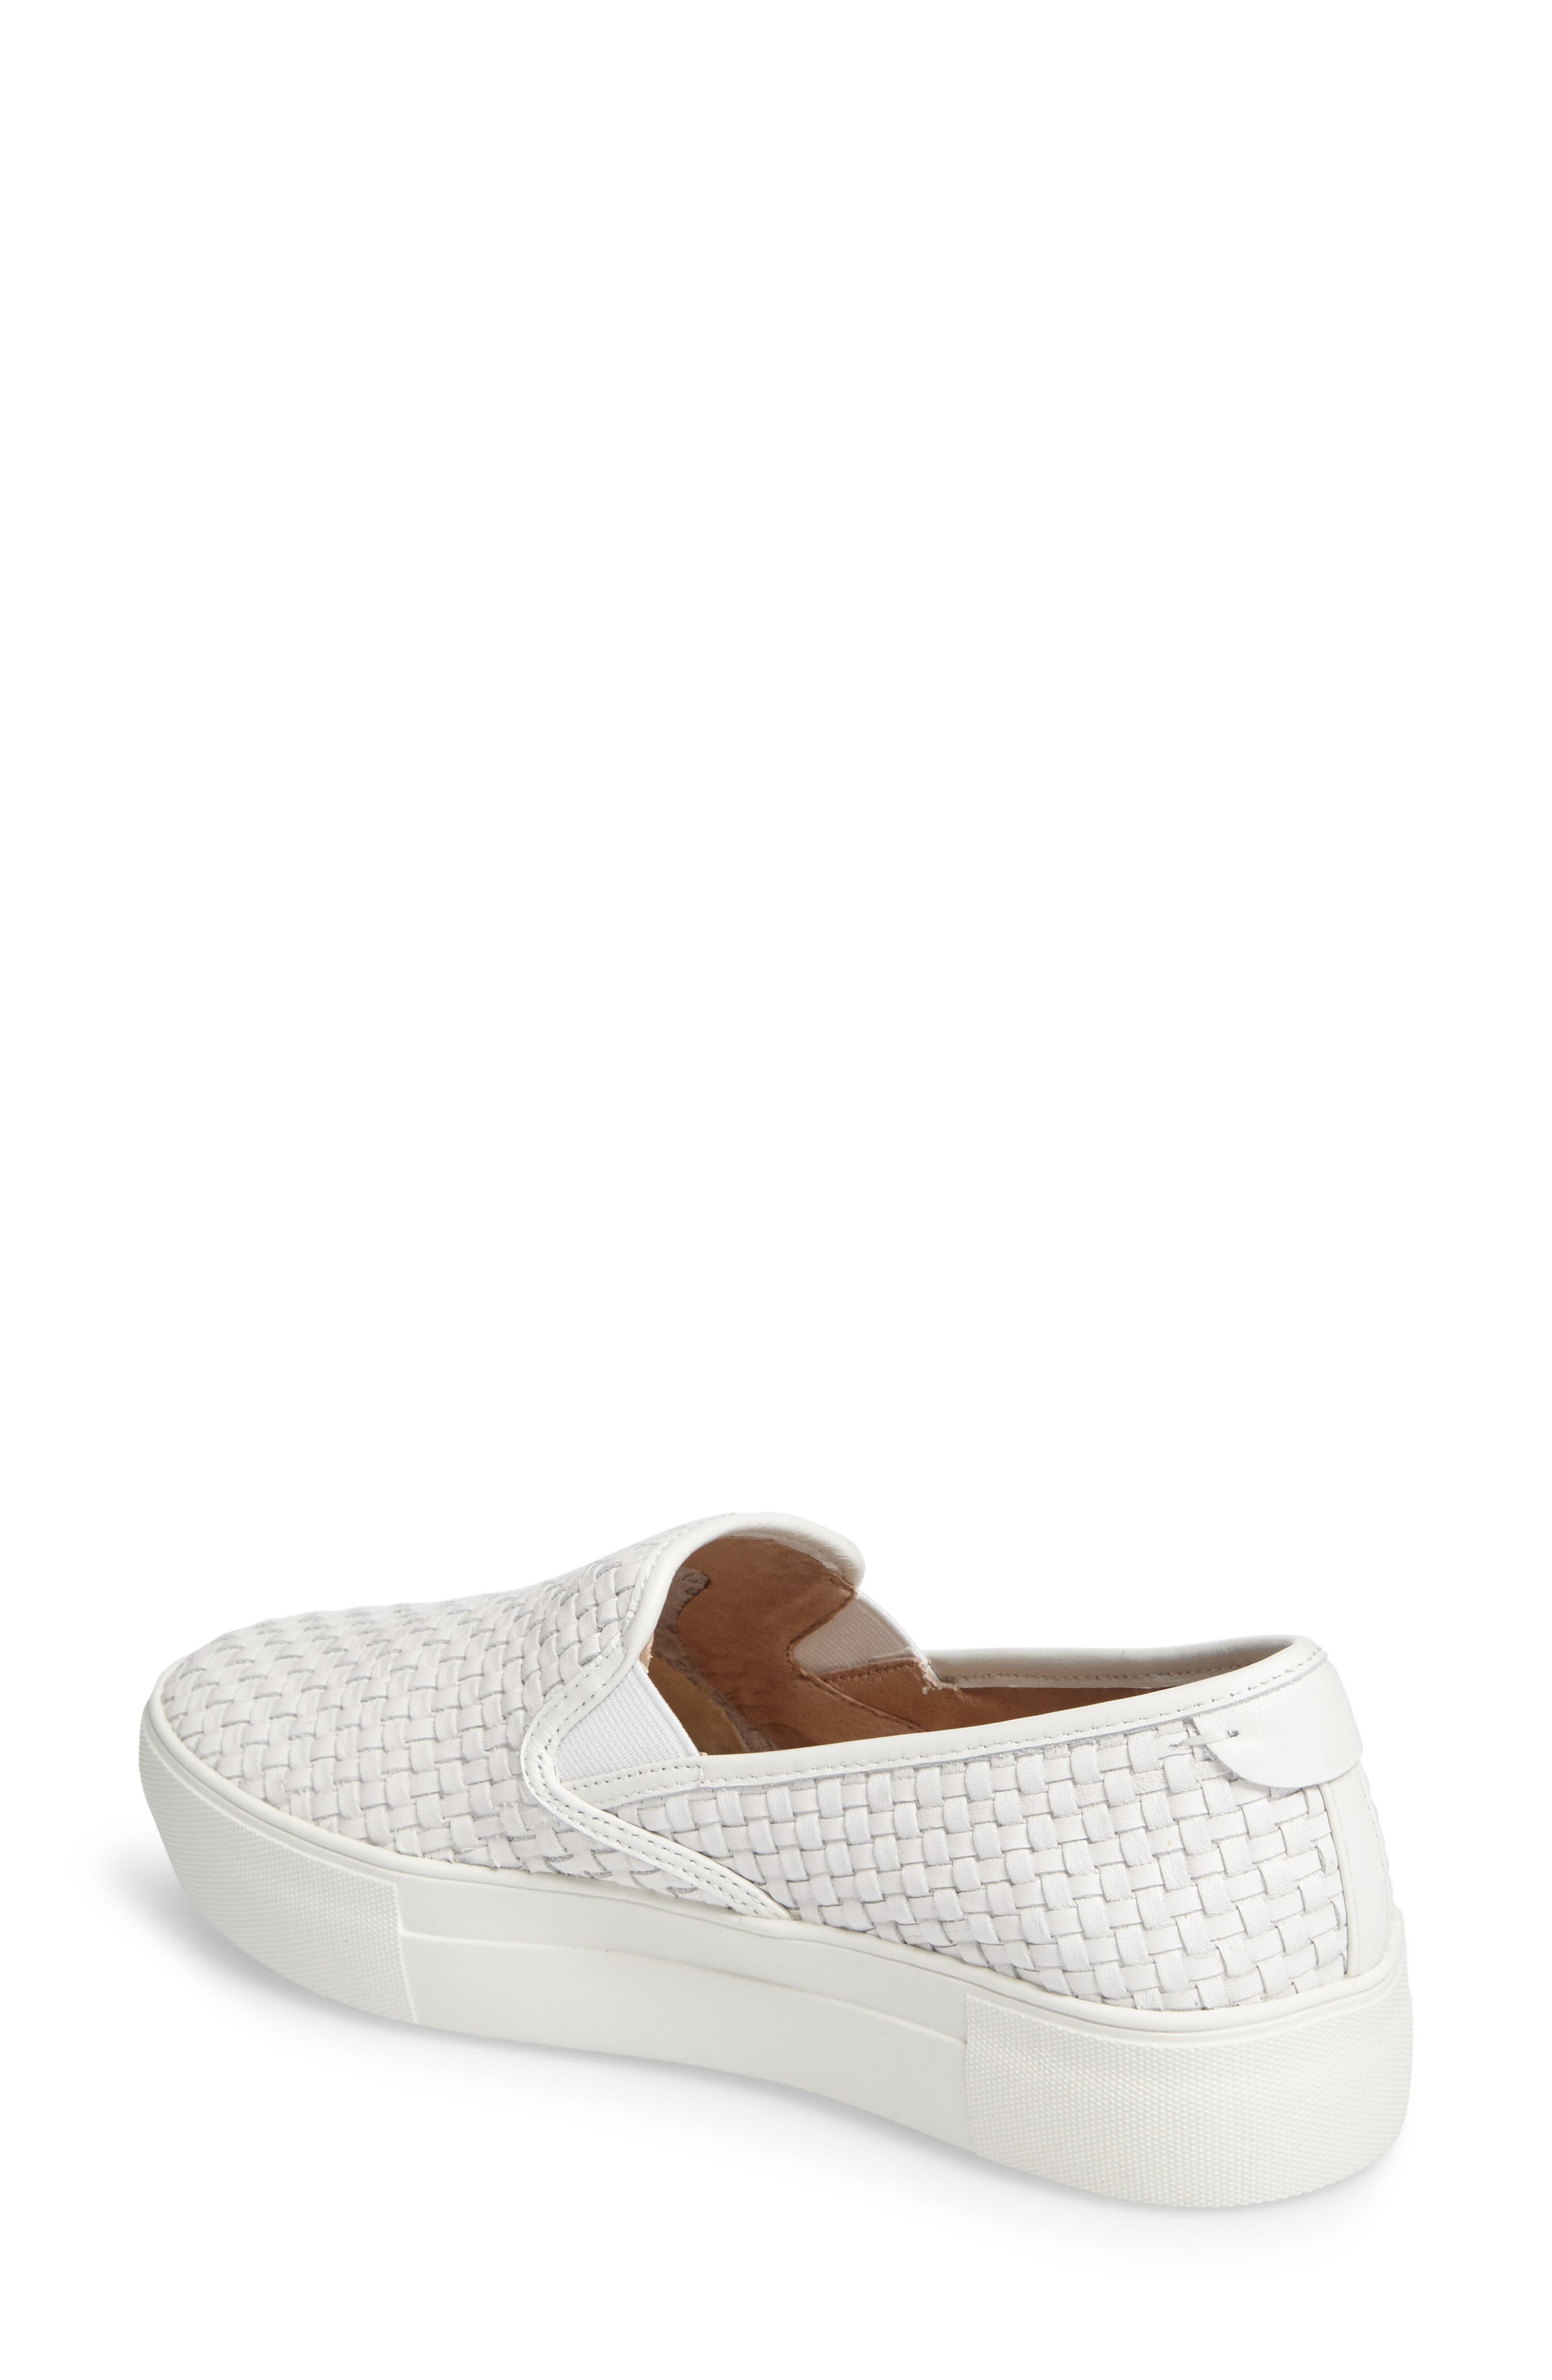 Alyssa Platform Slip-On Sneaker,                             Alternate thumbnail 2, color,                             White Leather